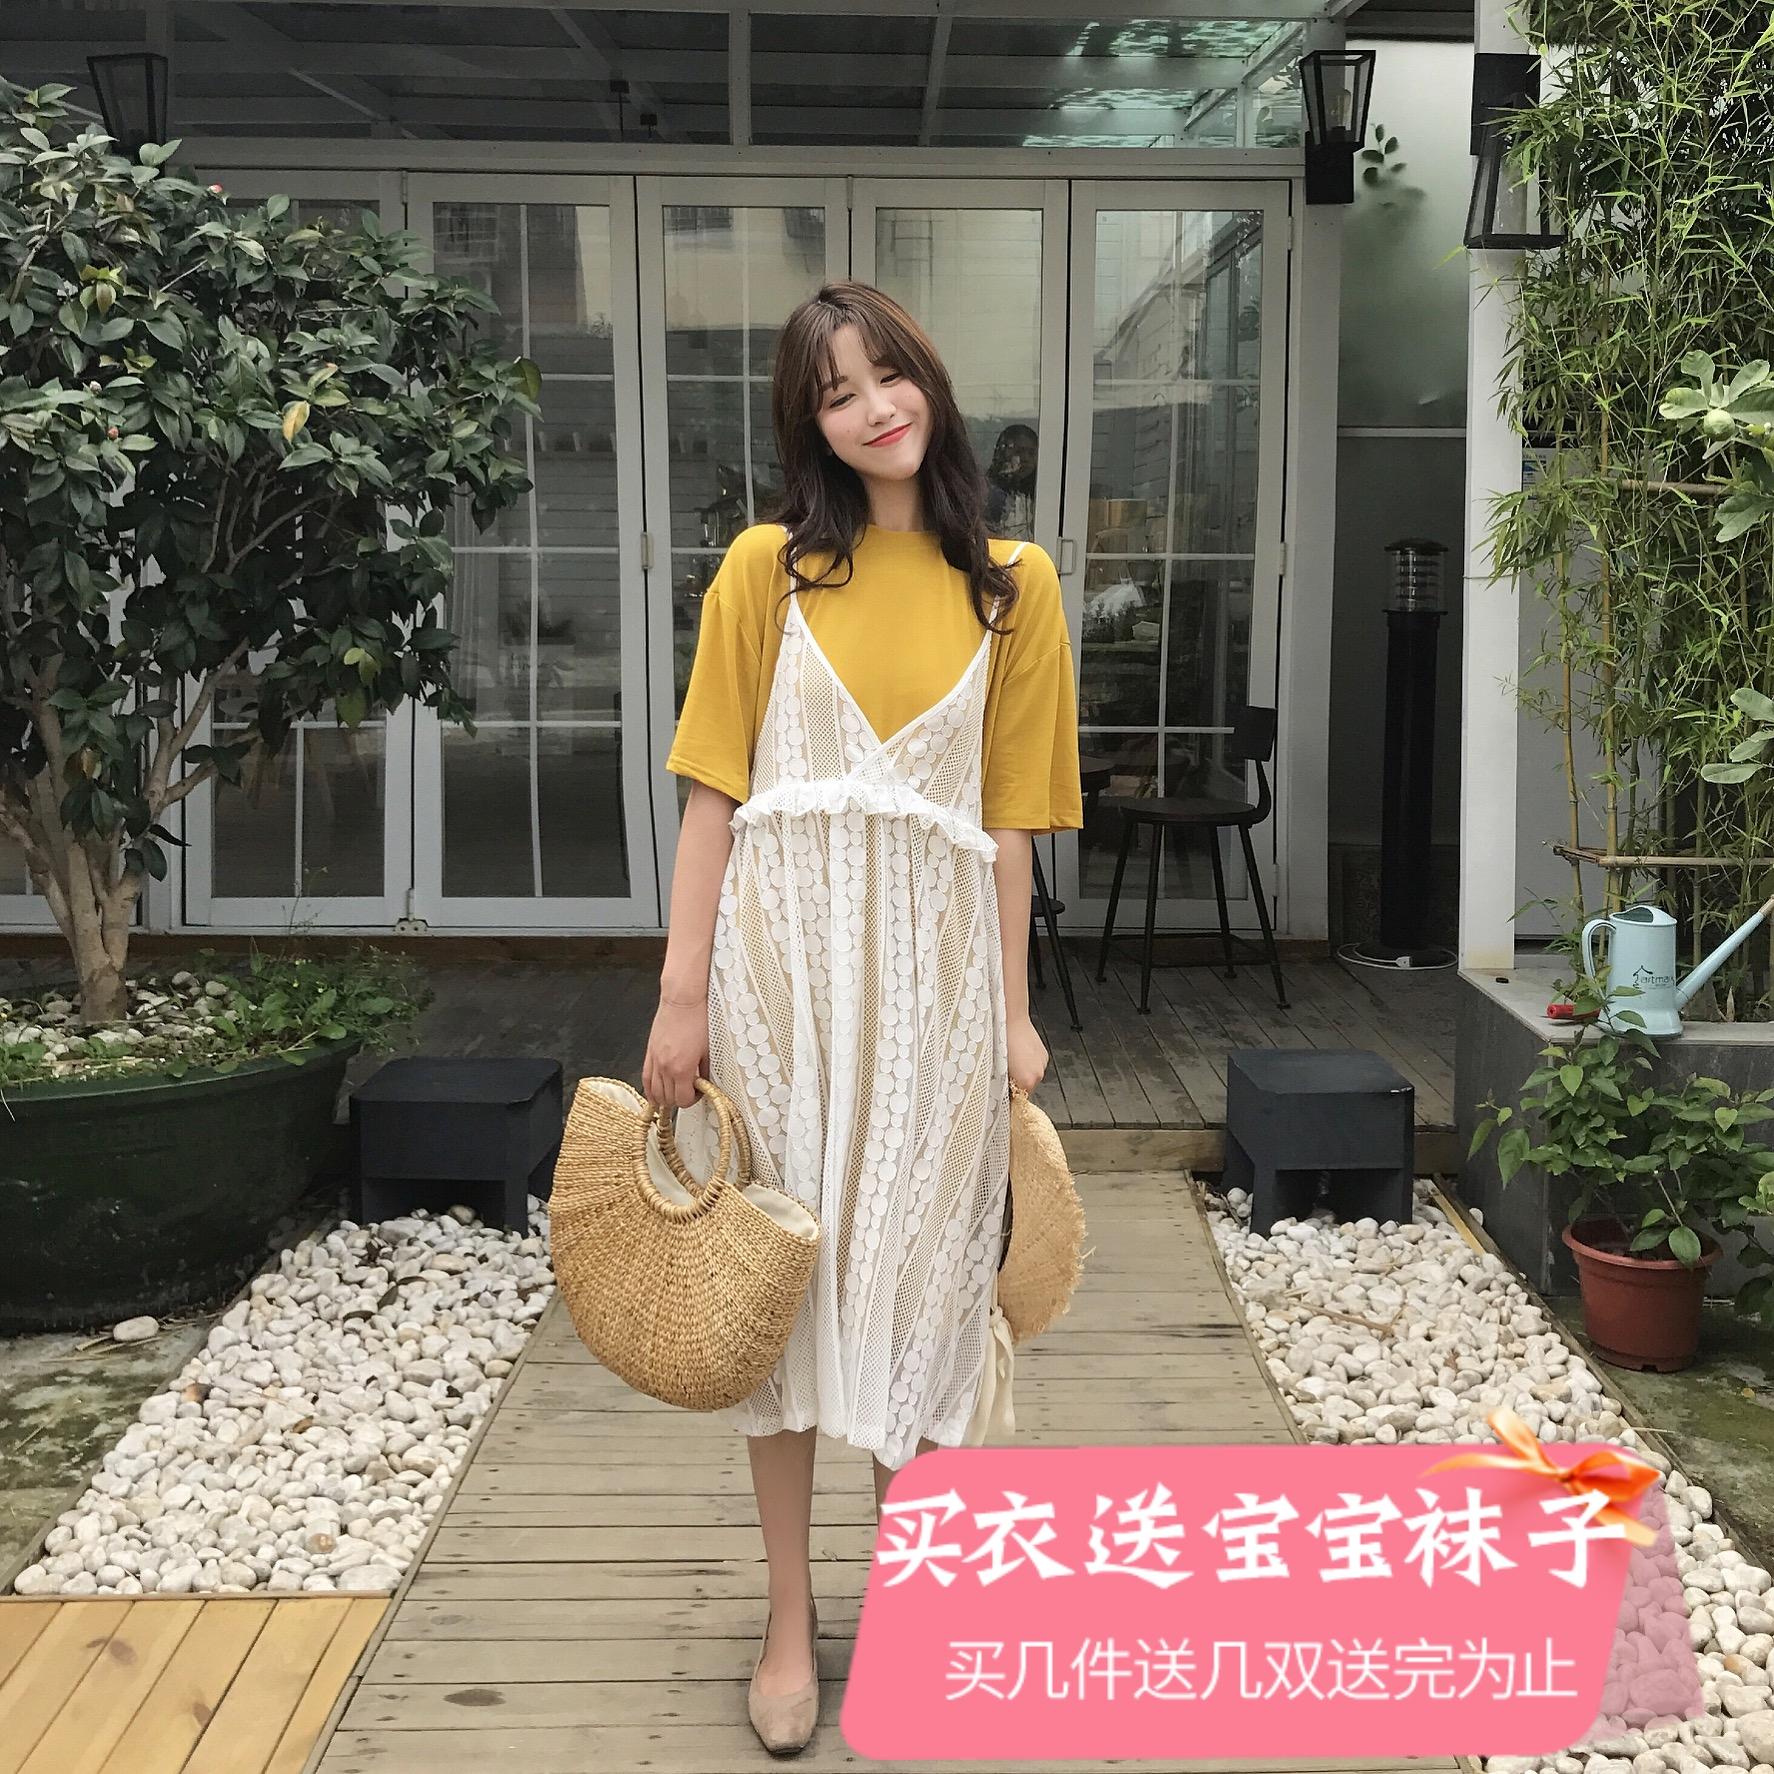 Беременная женщина наряд 17 корея лето кружево установите платье футболки рукав глава T футболки платье темперамент кружево юбка